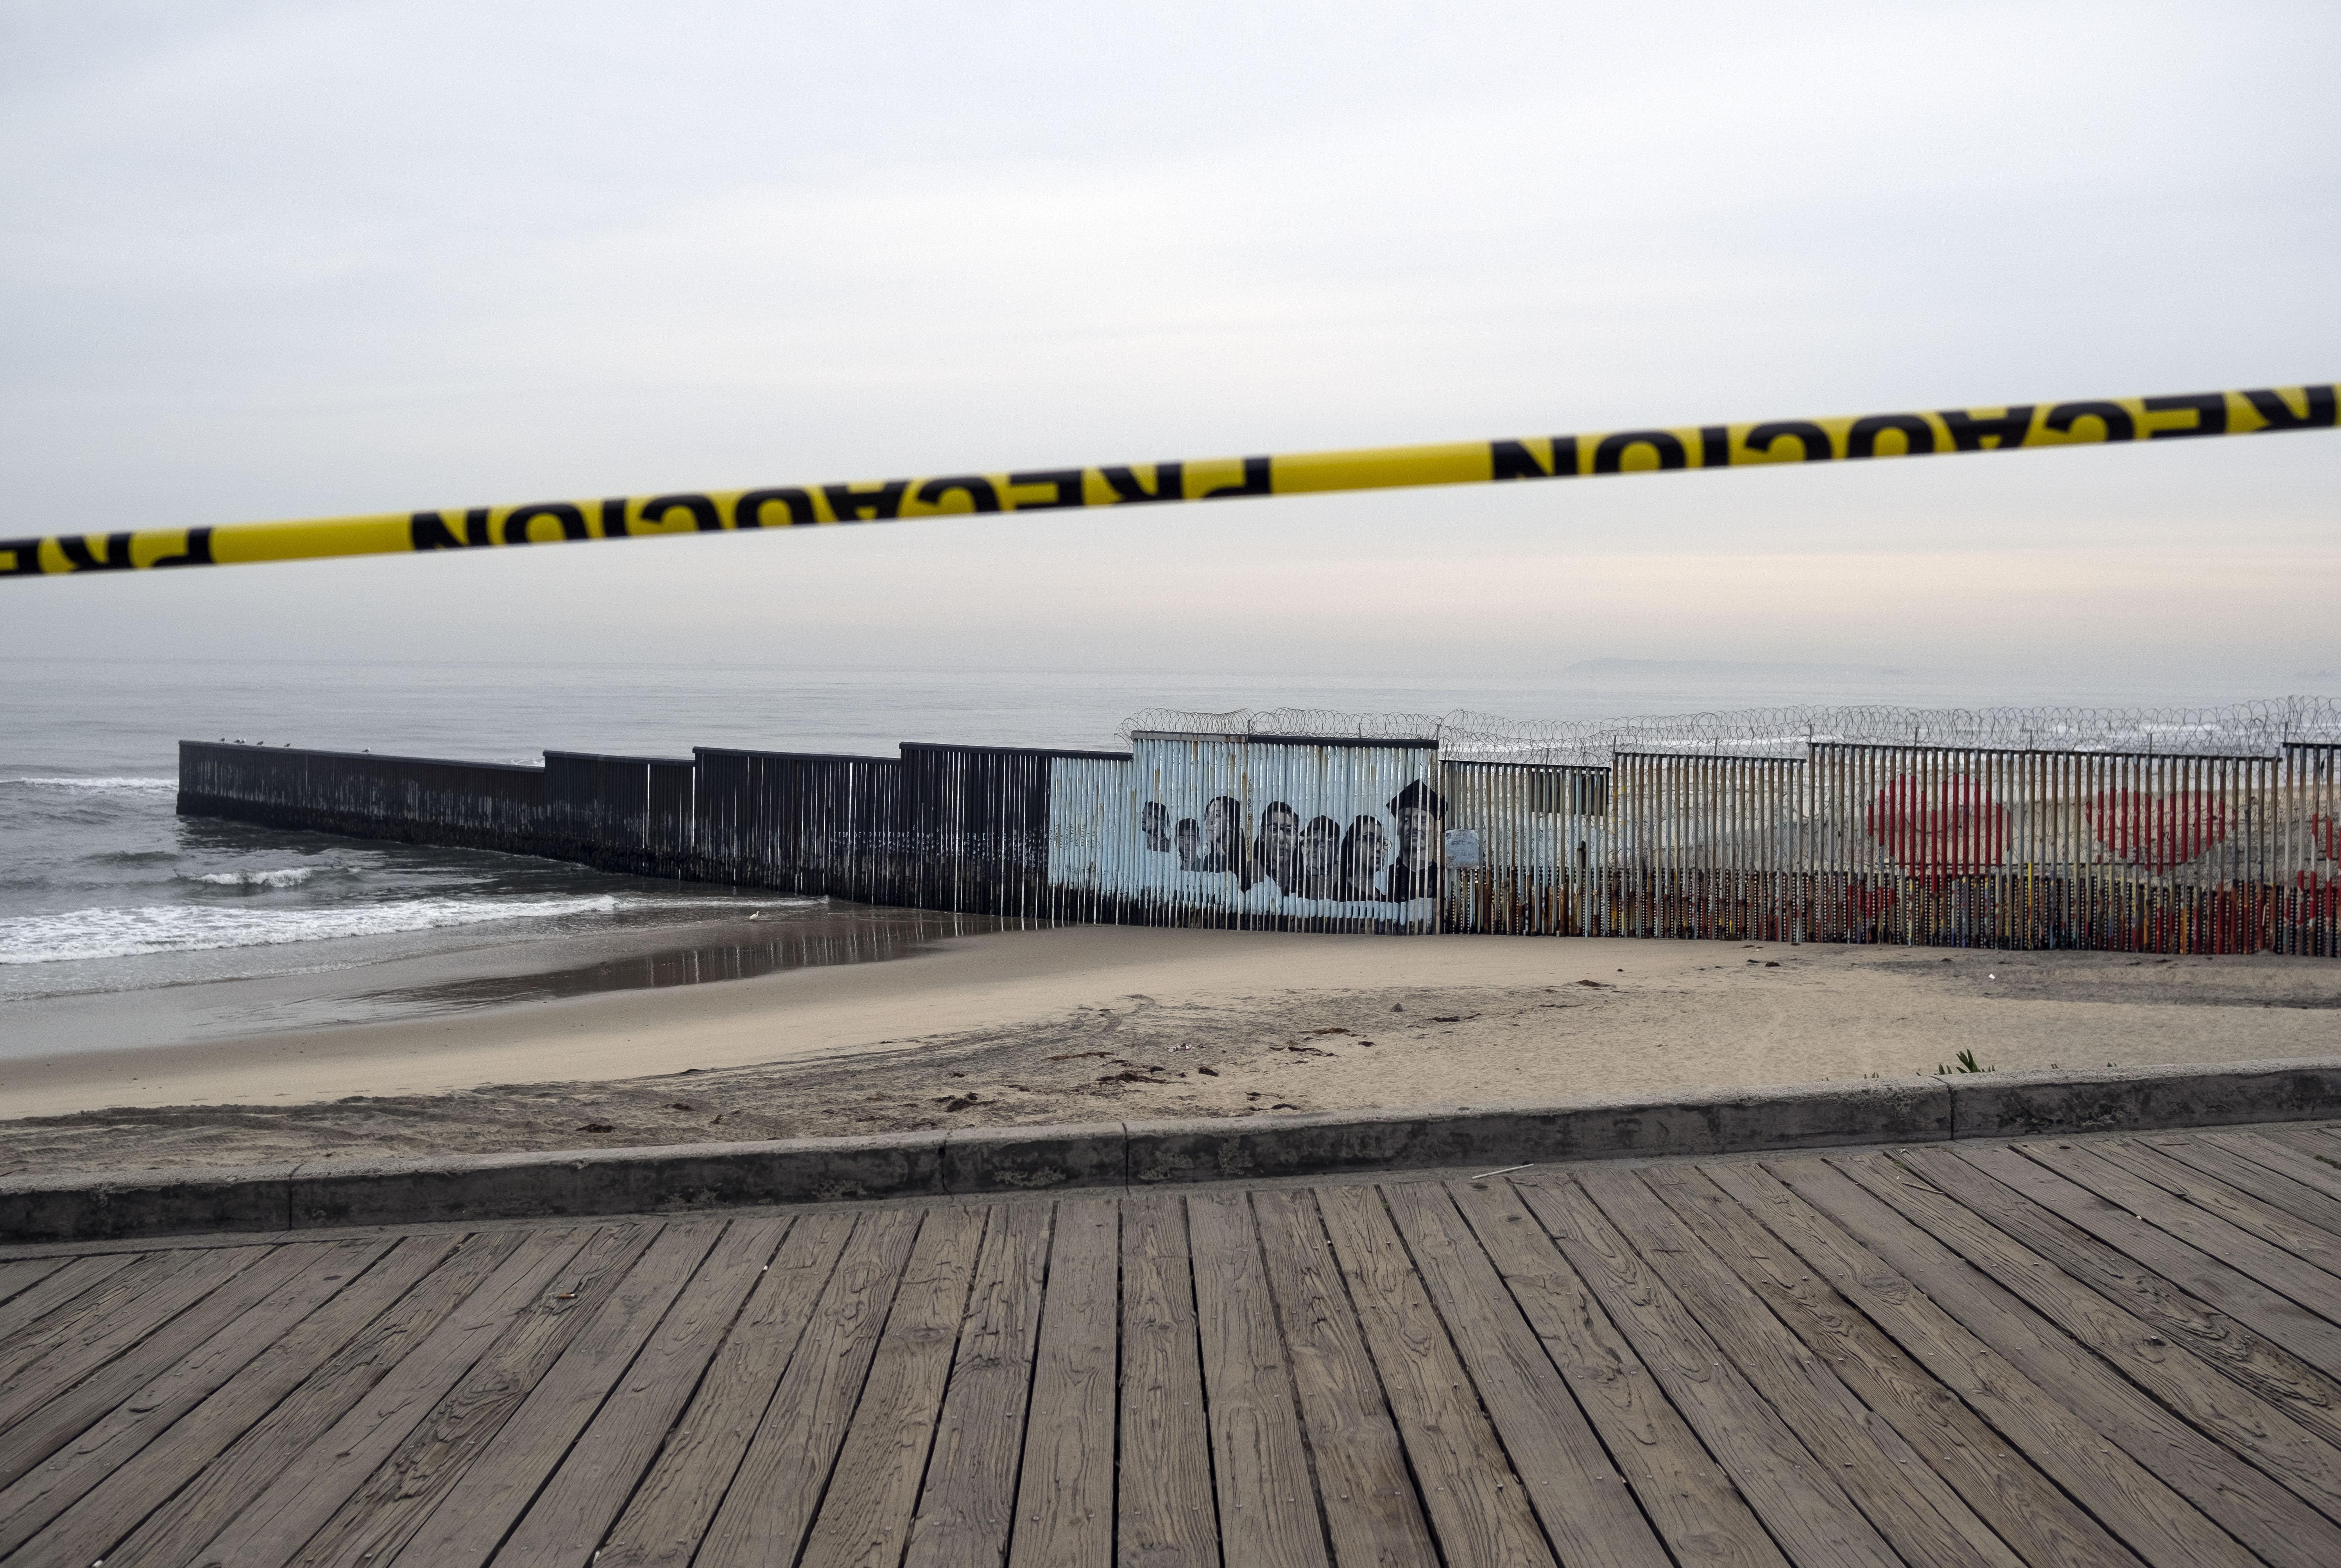 Se ve una línea de precaución mientras la playa permanece cerrada al público, cerca de la valla fronteriza México-Estados Unidos en Playas de Tijuana, estado de Baja California, México, el 31 de marzo de 2020.